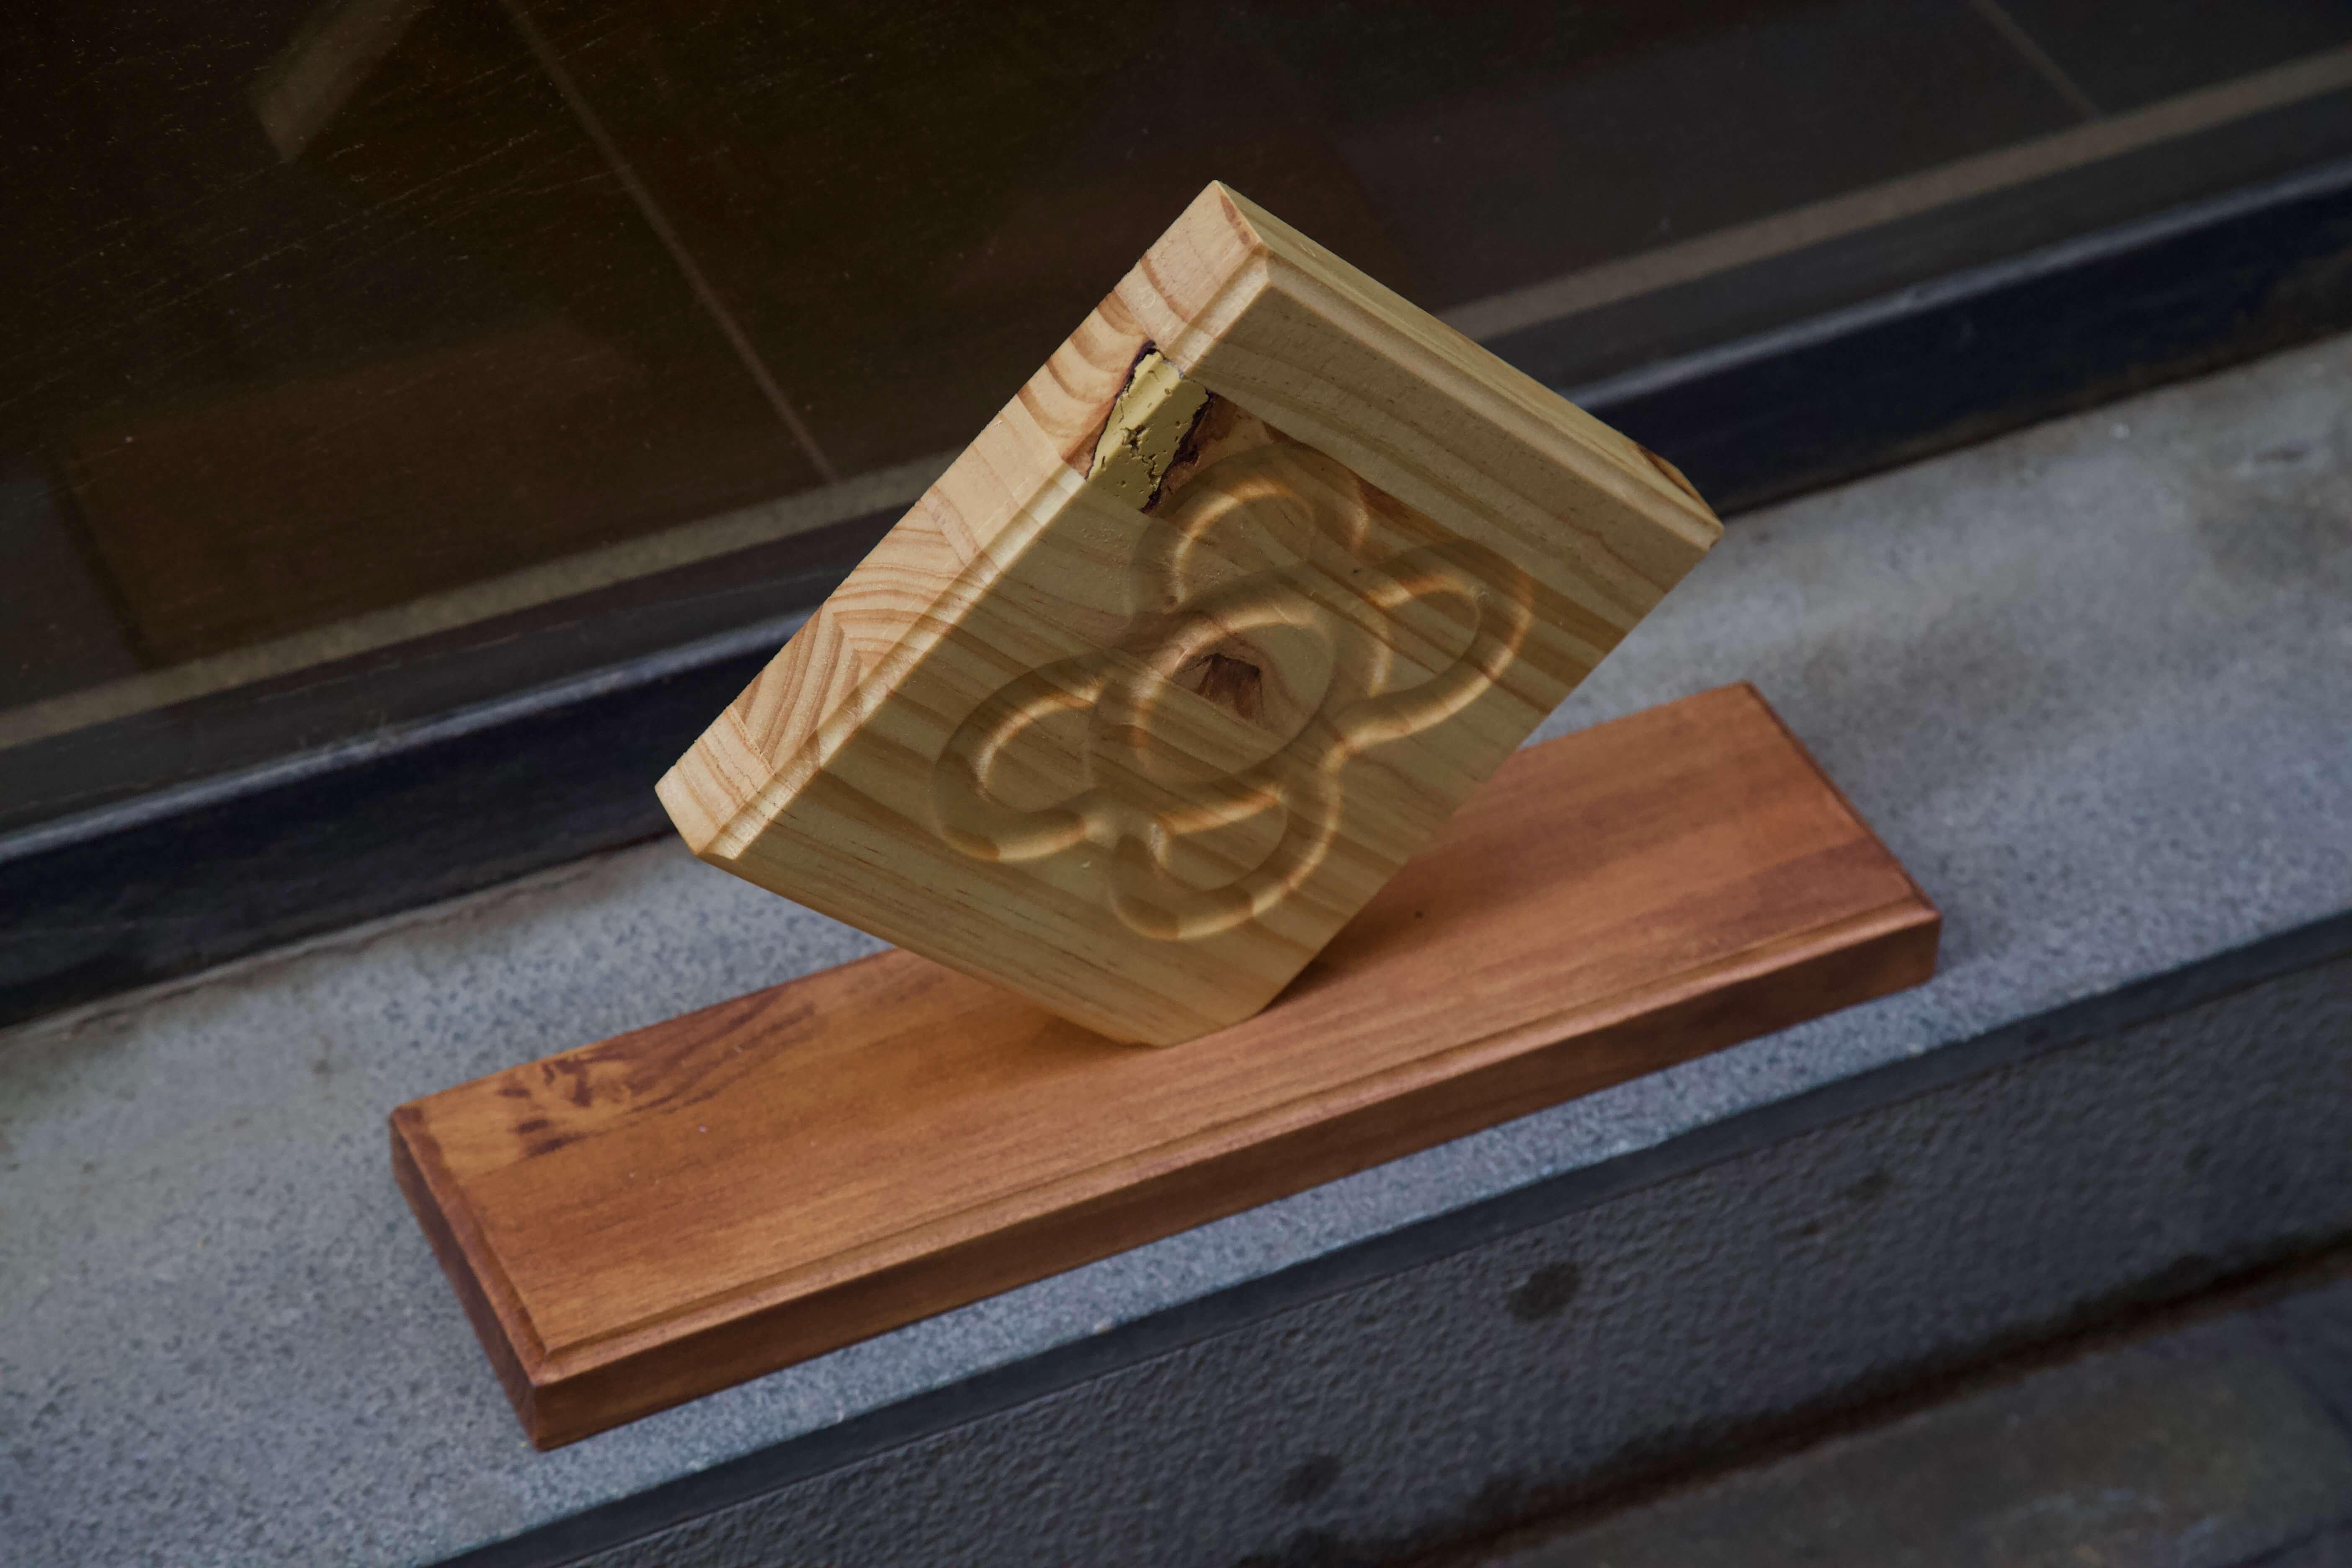 imagen cenital izquierda expositor panot flor de barcelona